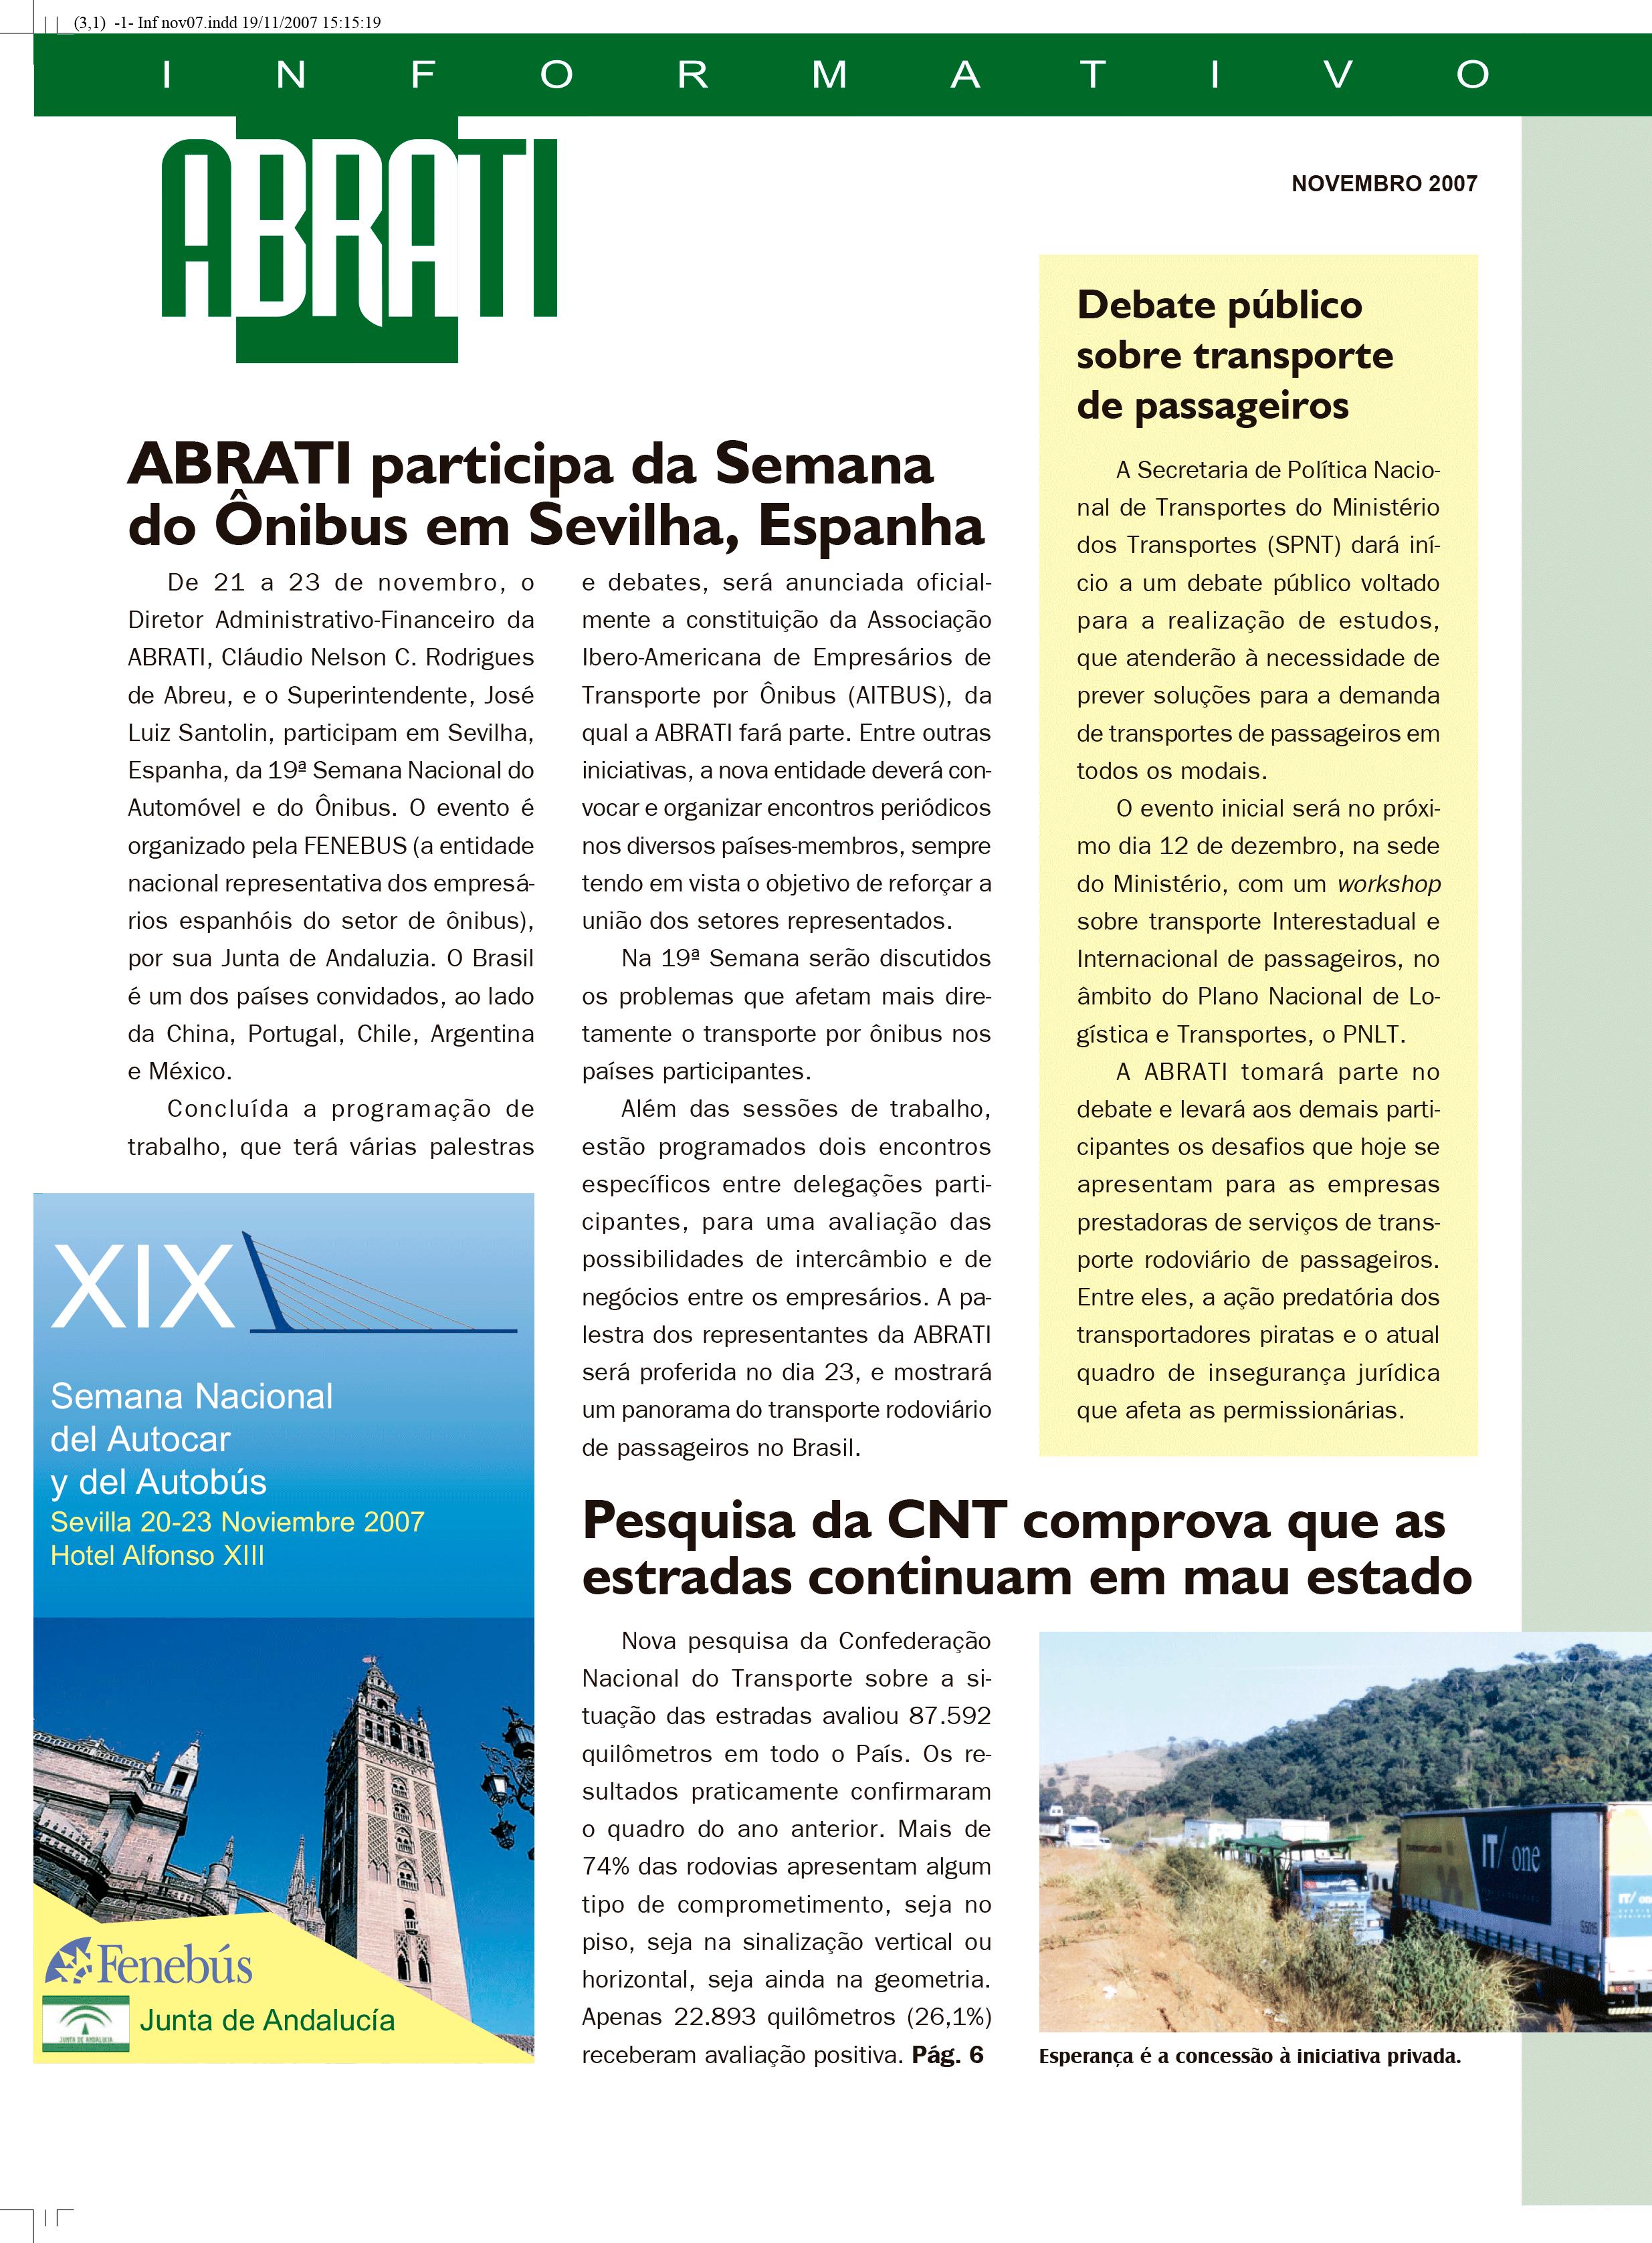 Informativo Novembro 2007